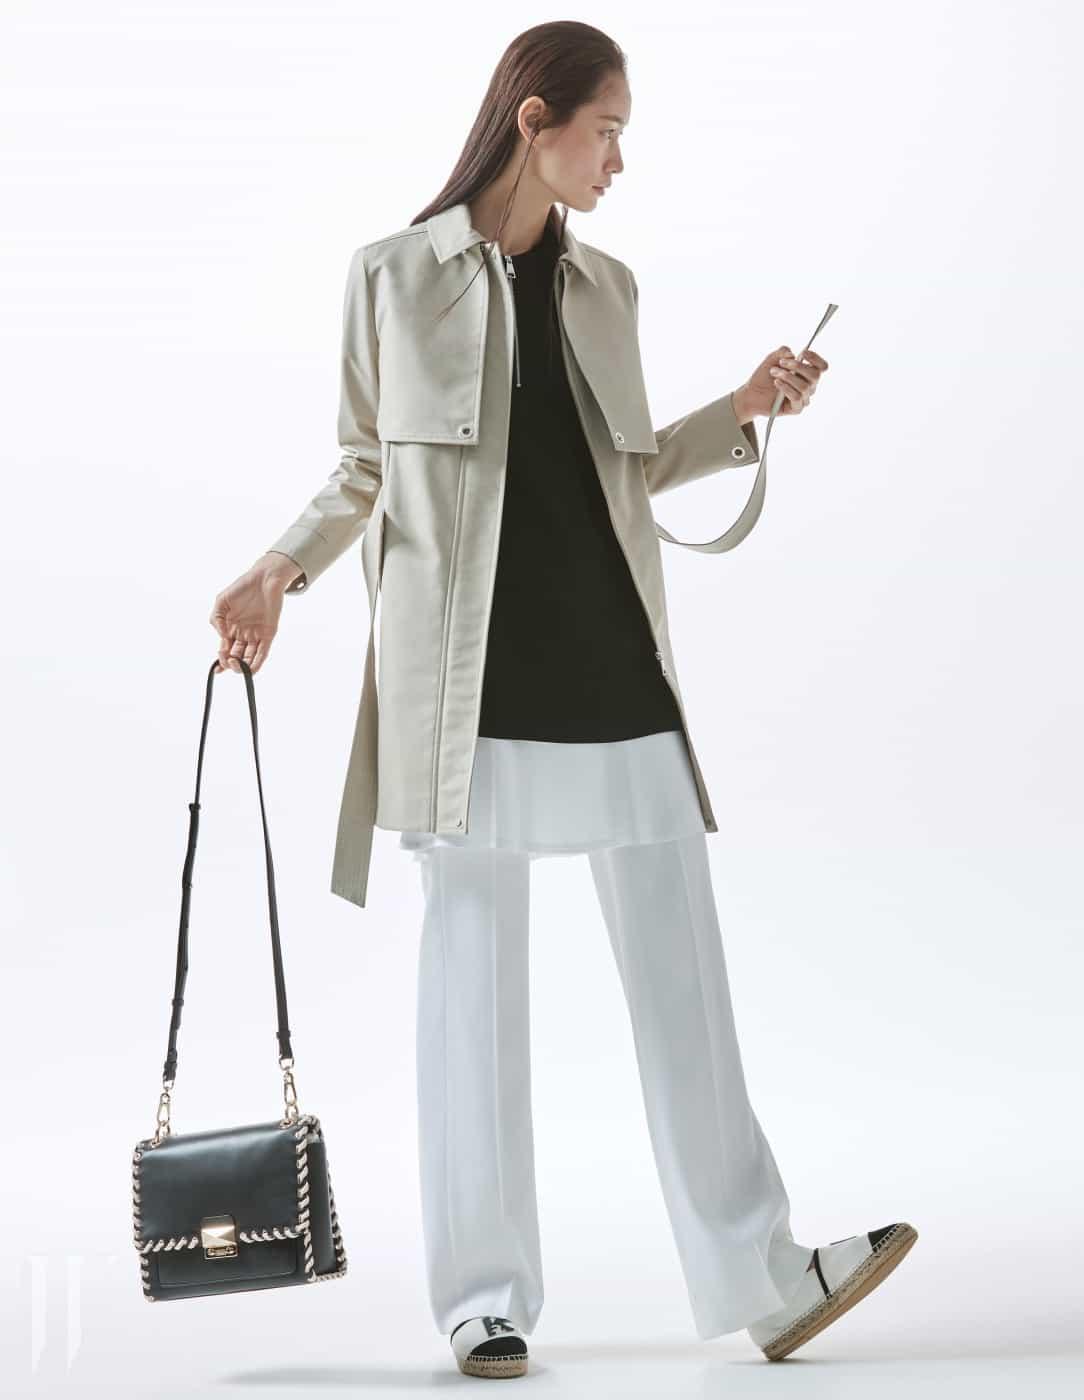 스티치 장식의 소가죽 소재 윕스티치 핸드백(Whipstitch Handbag), 구조적인 디자인의 지퍼 여밈 트렌치코트, 주름 장식의 미니 드레스, 흰색 팬츠, 로고 장식의 에스파드리유는 모두 Karl Lagerfeld 제품.